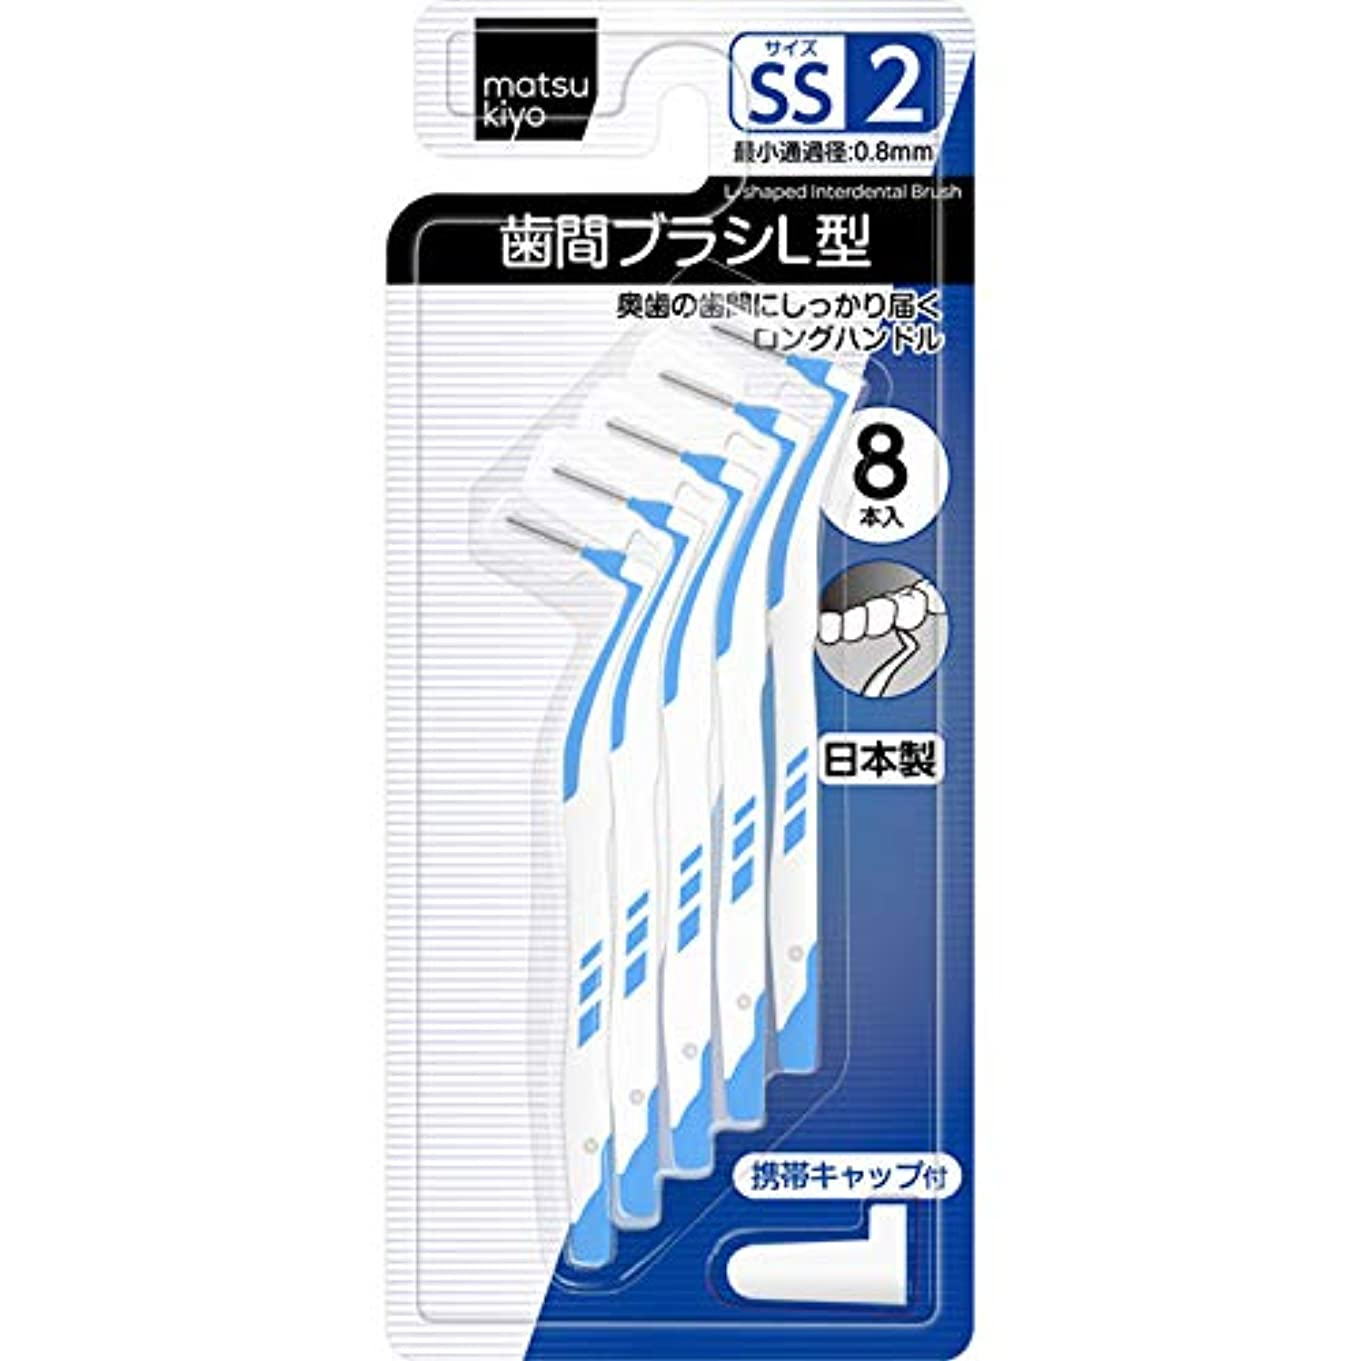 仮装パトワモックmatsukiyo 歯間ブラシL型 サイズ2(SS) 8本